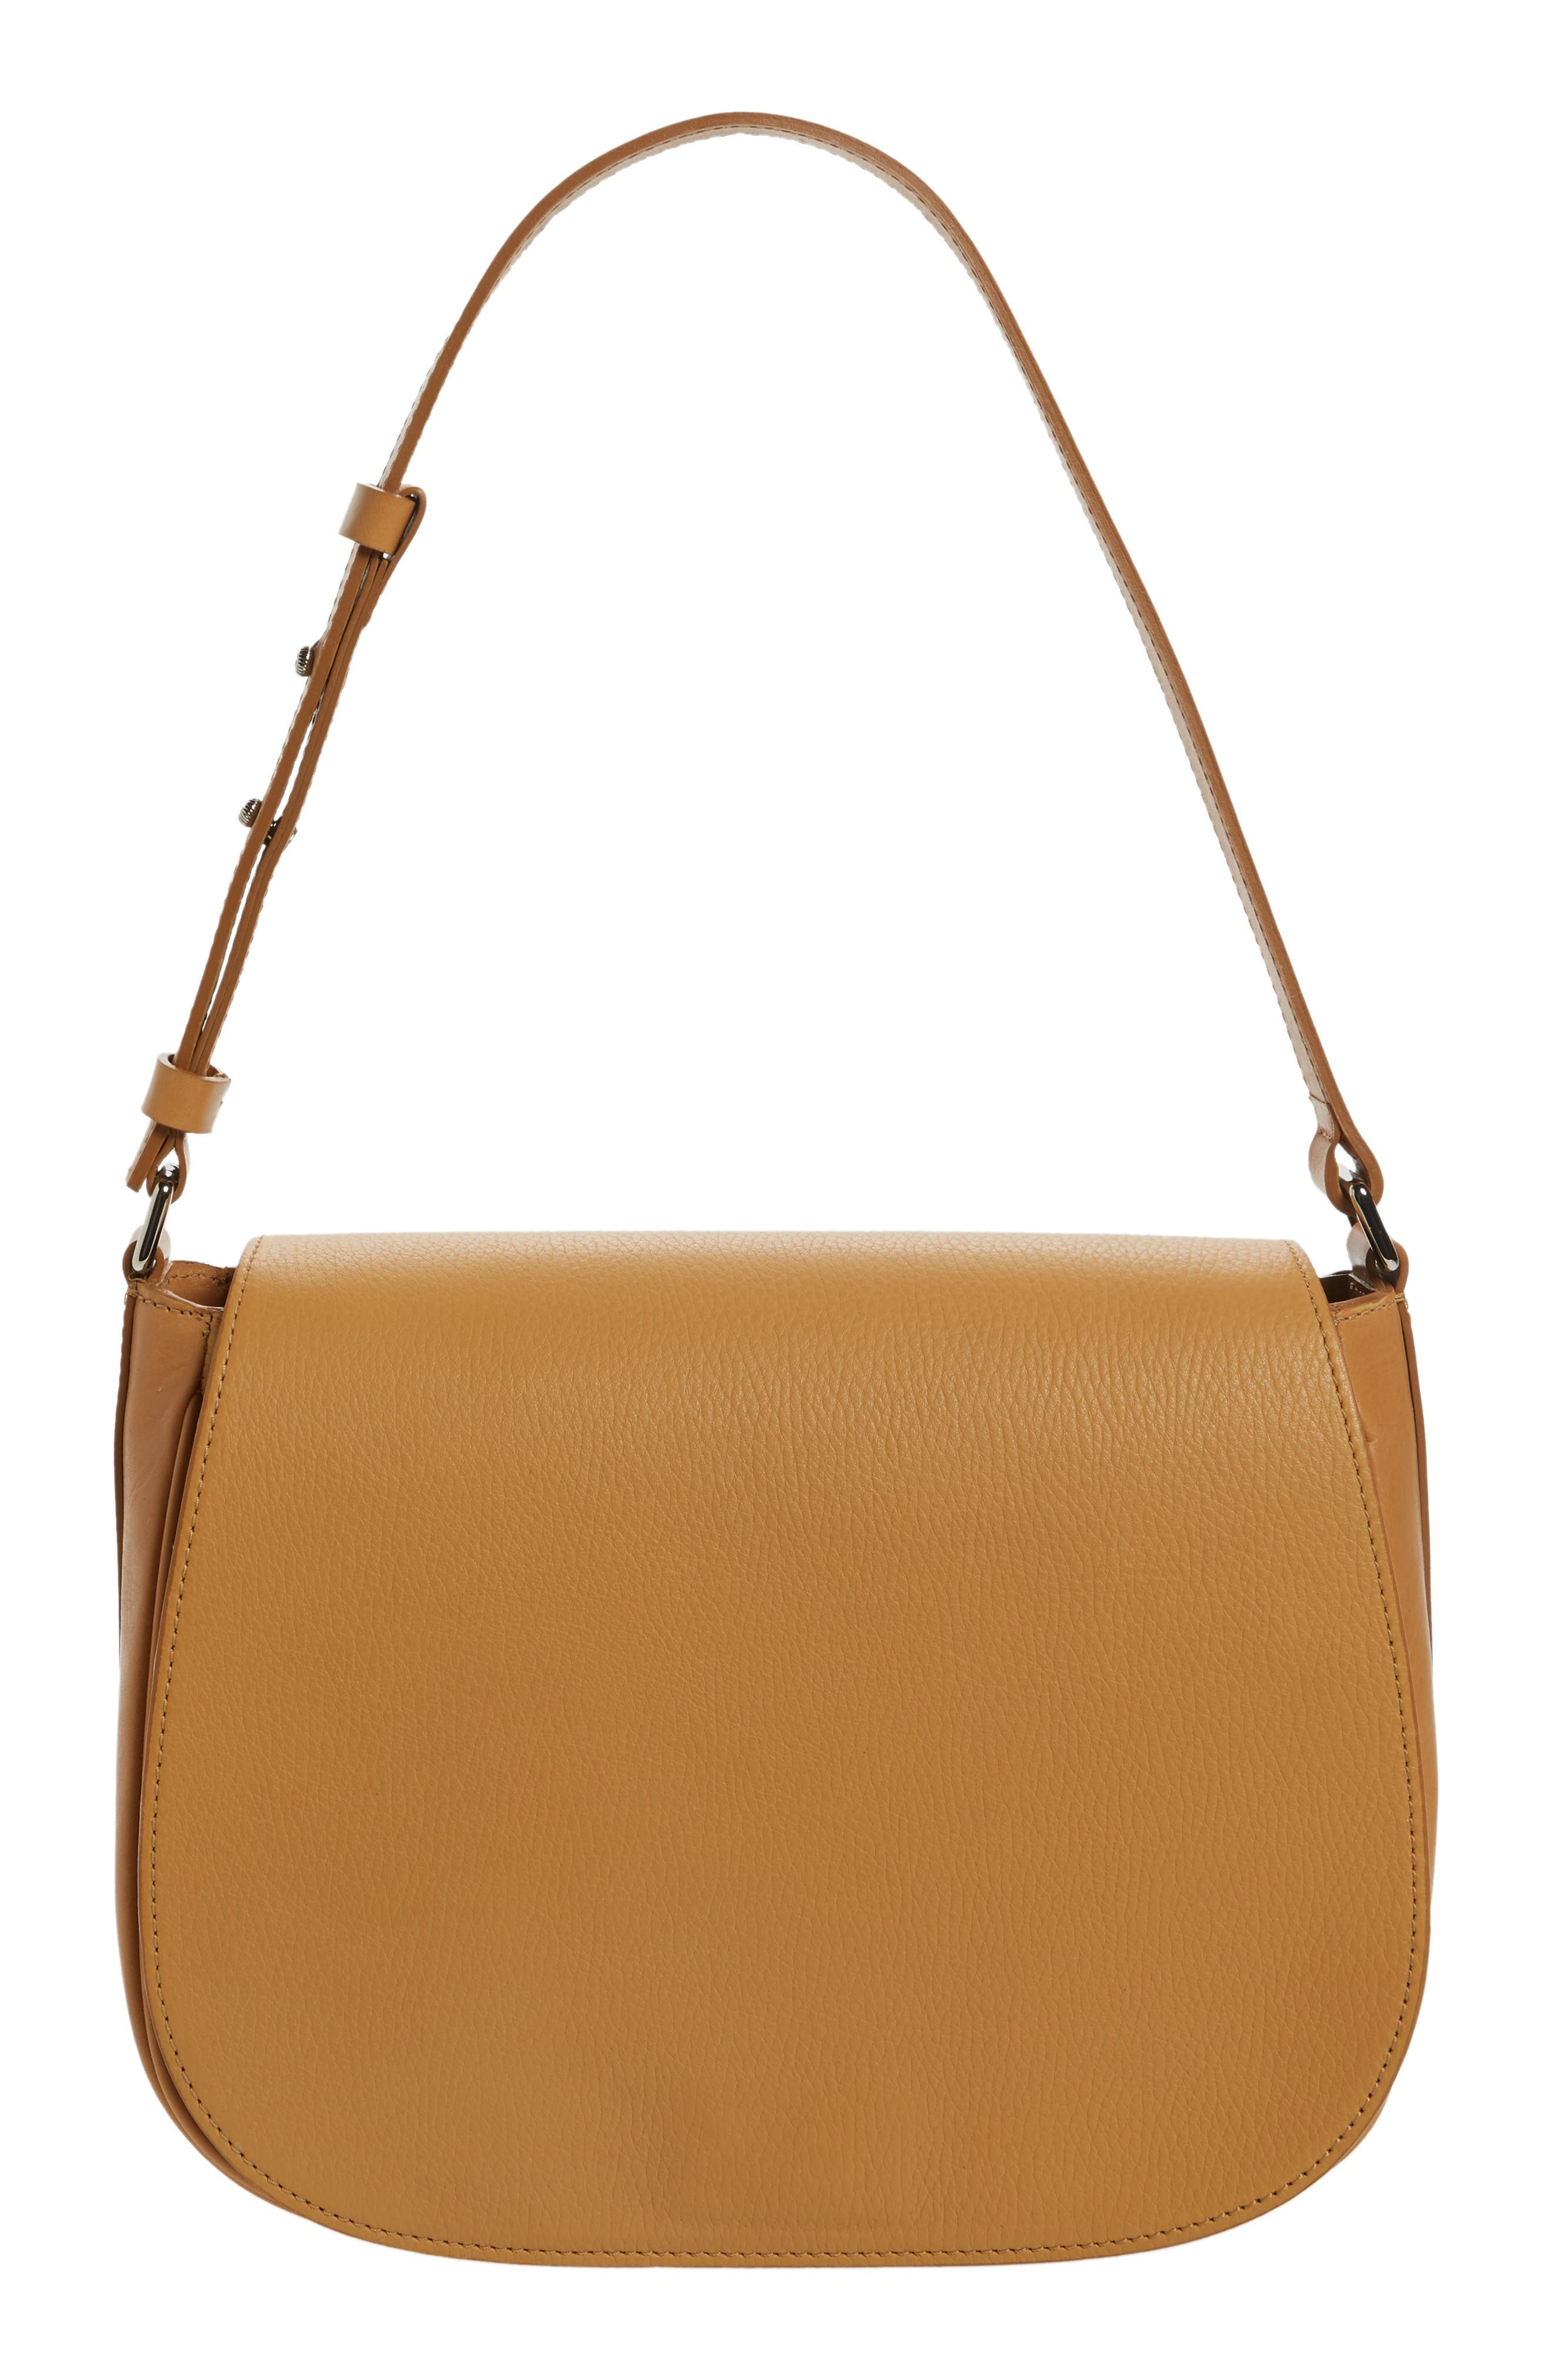 Shinola Leather Shoulder Bag